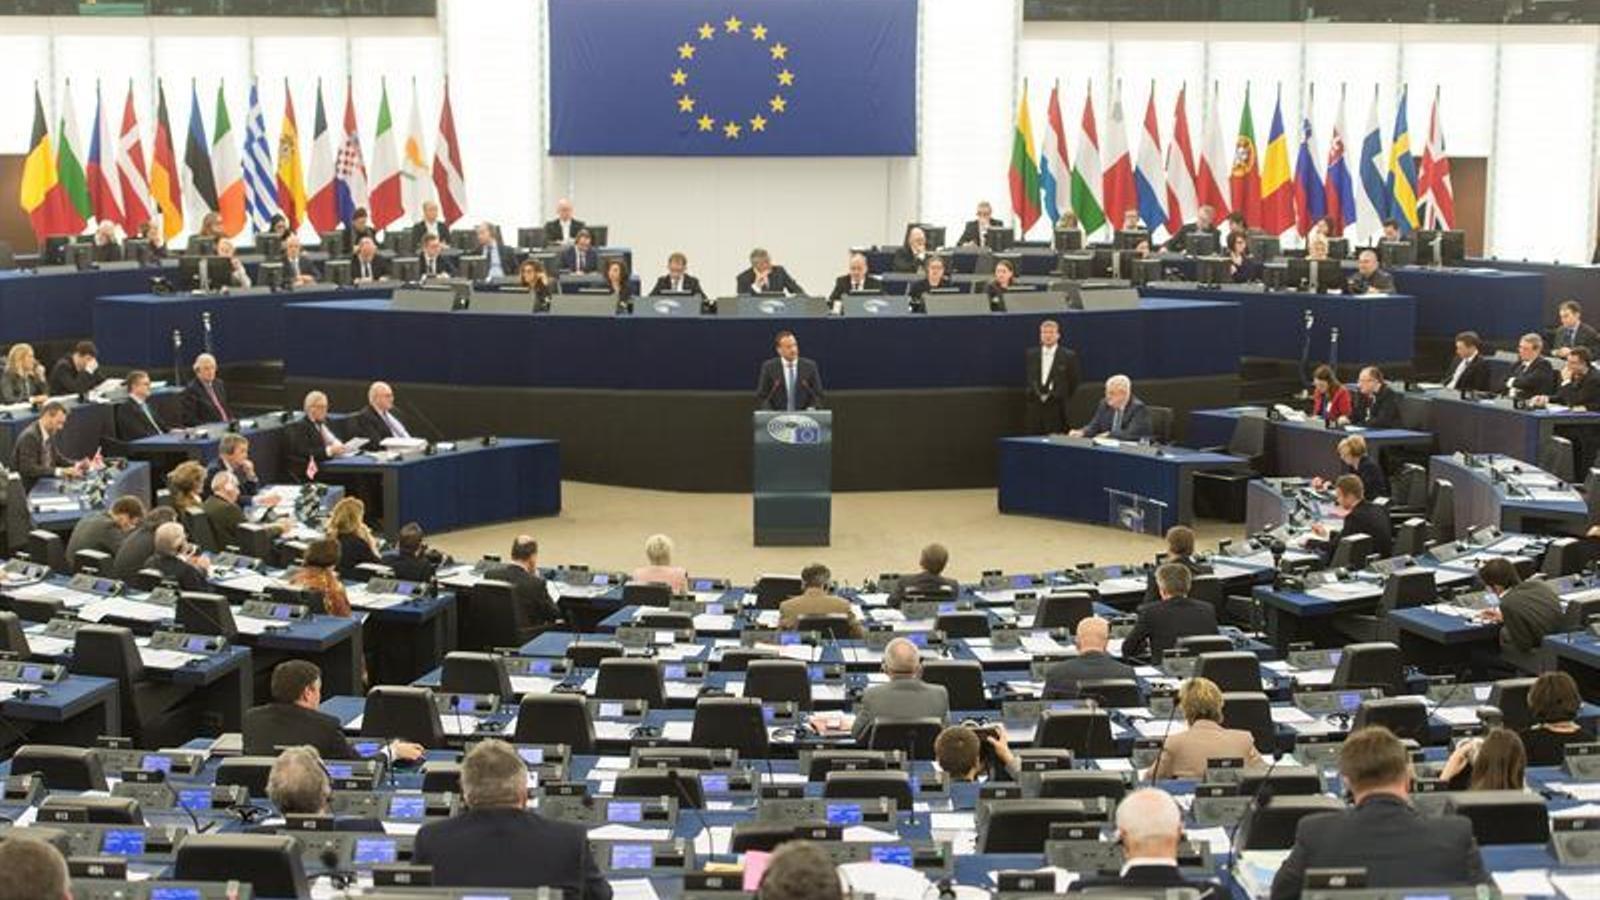 Com s'han presentat històricament els partits independentistes a les eleccions europees?